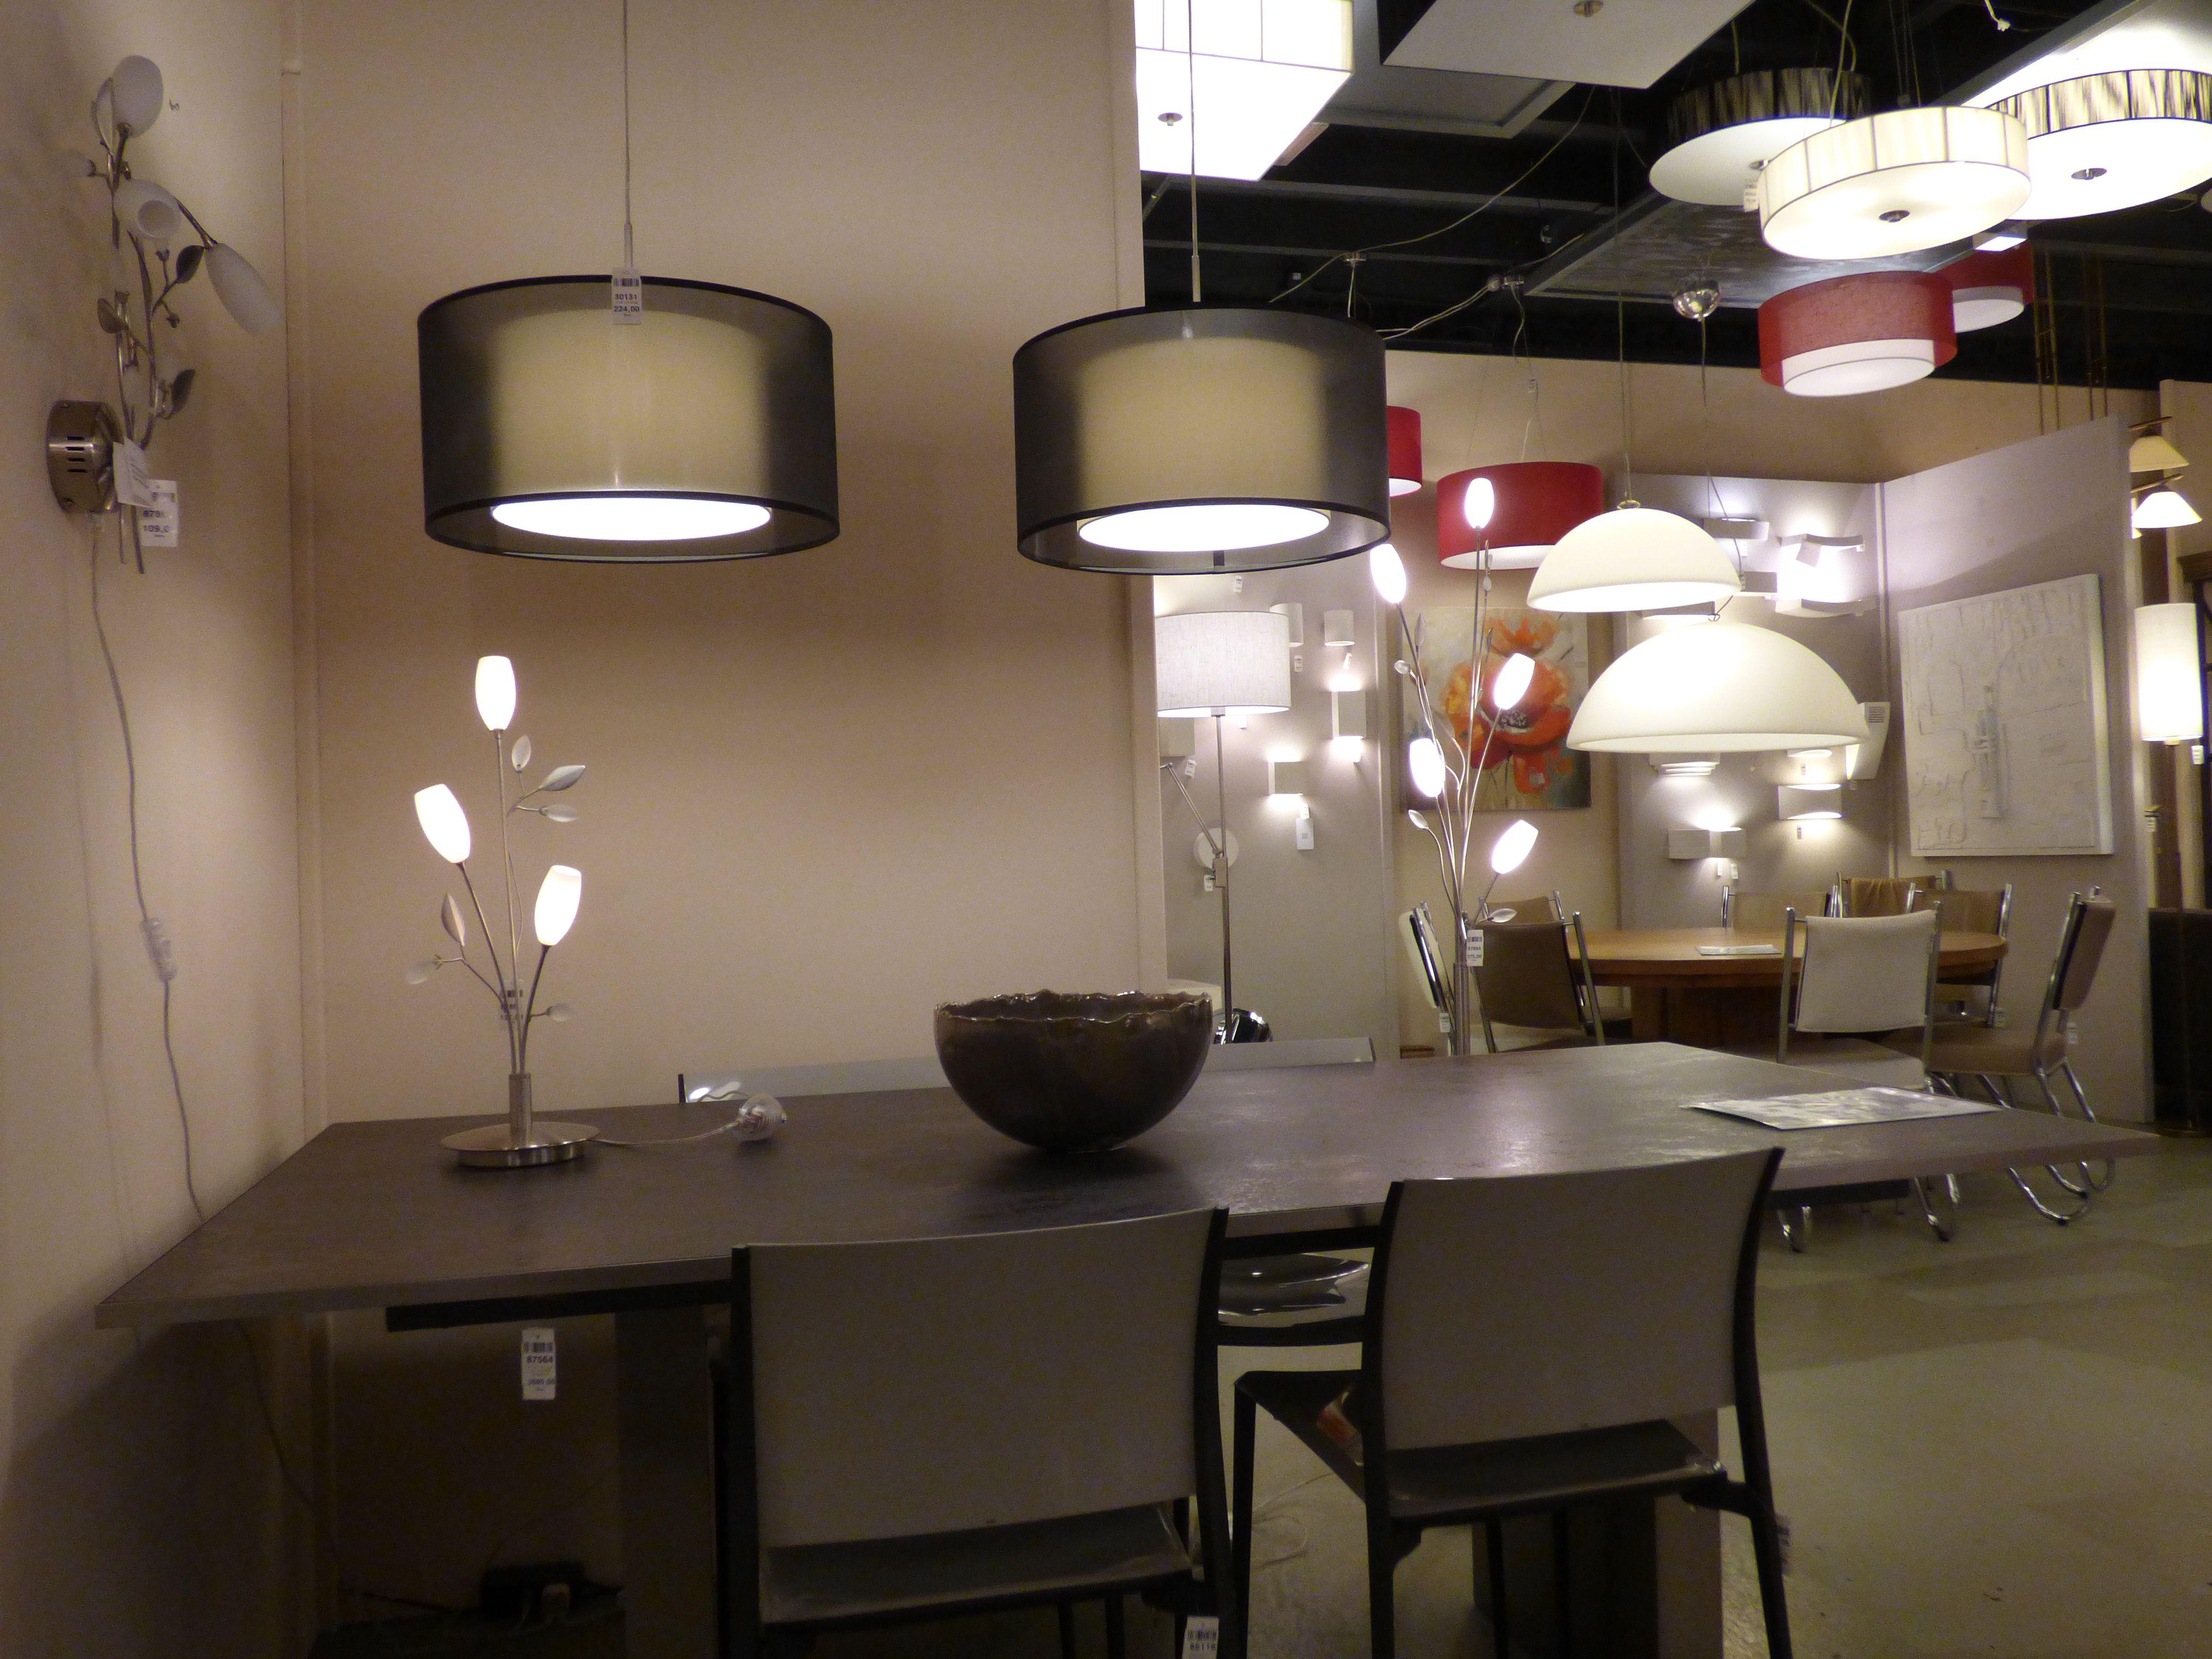 ILUMINACIN Tienda Lmparas Para Sala  Decoracin interior  lmparas colgante  sala lmparas  lmpara Modernos industriales lmpara